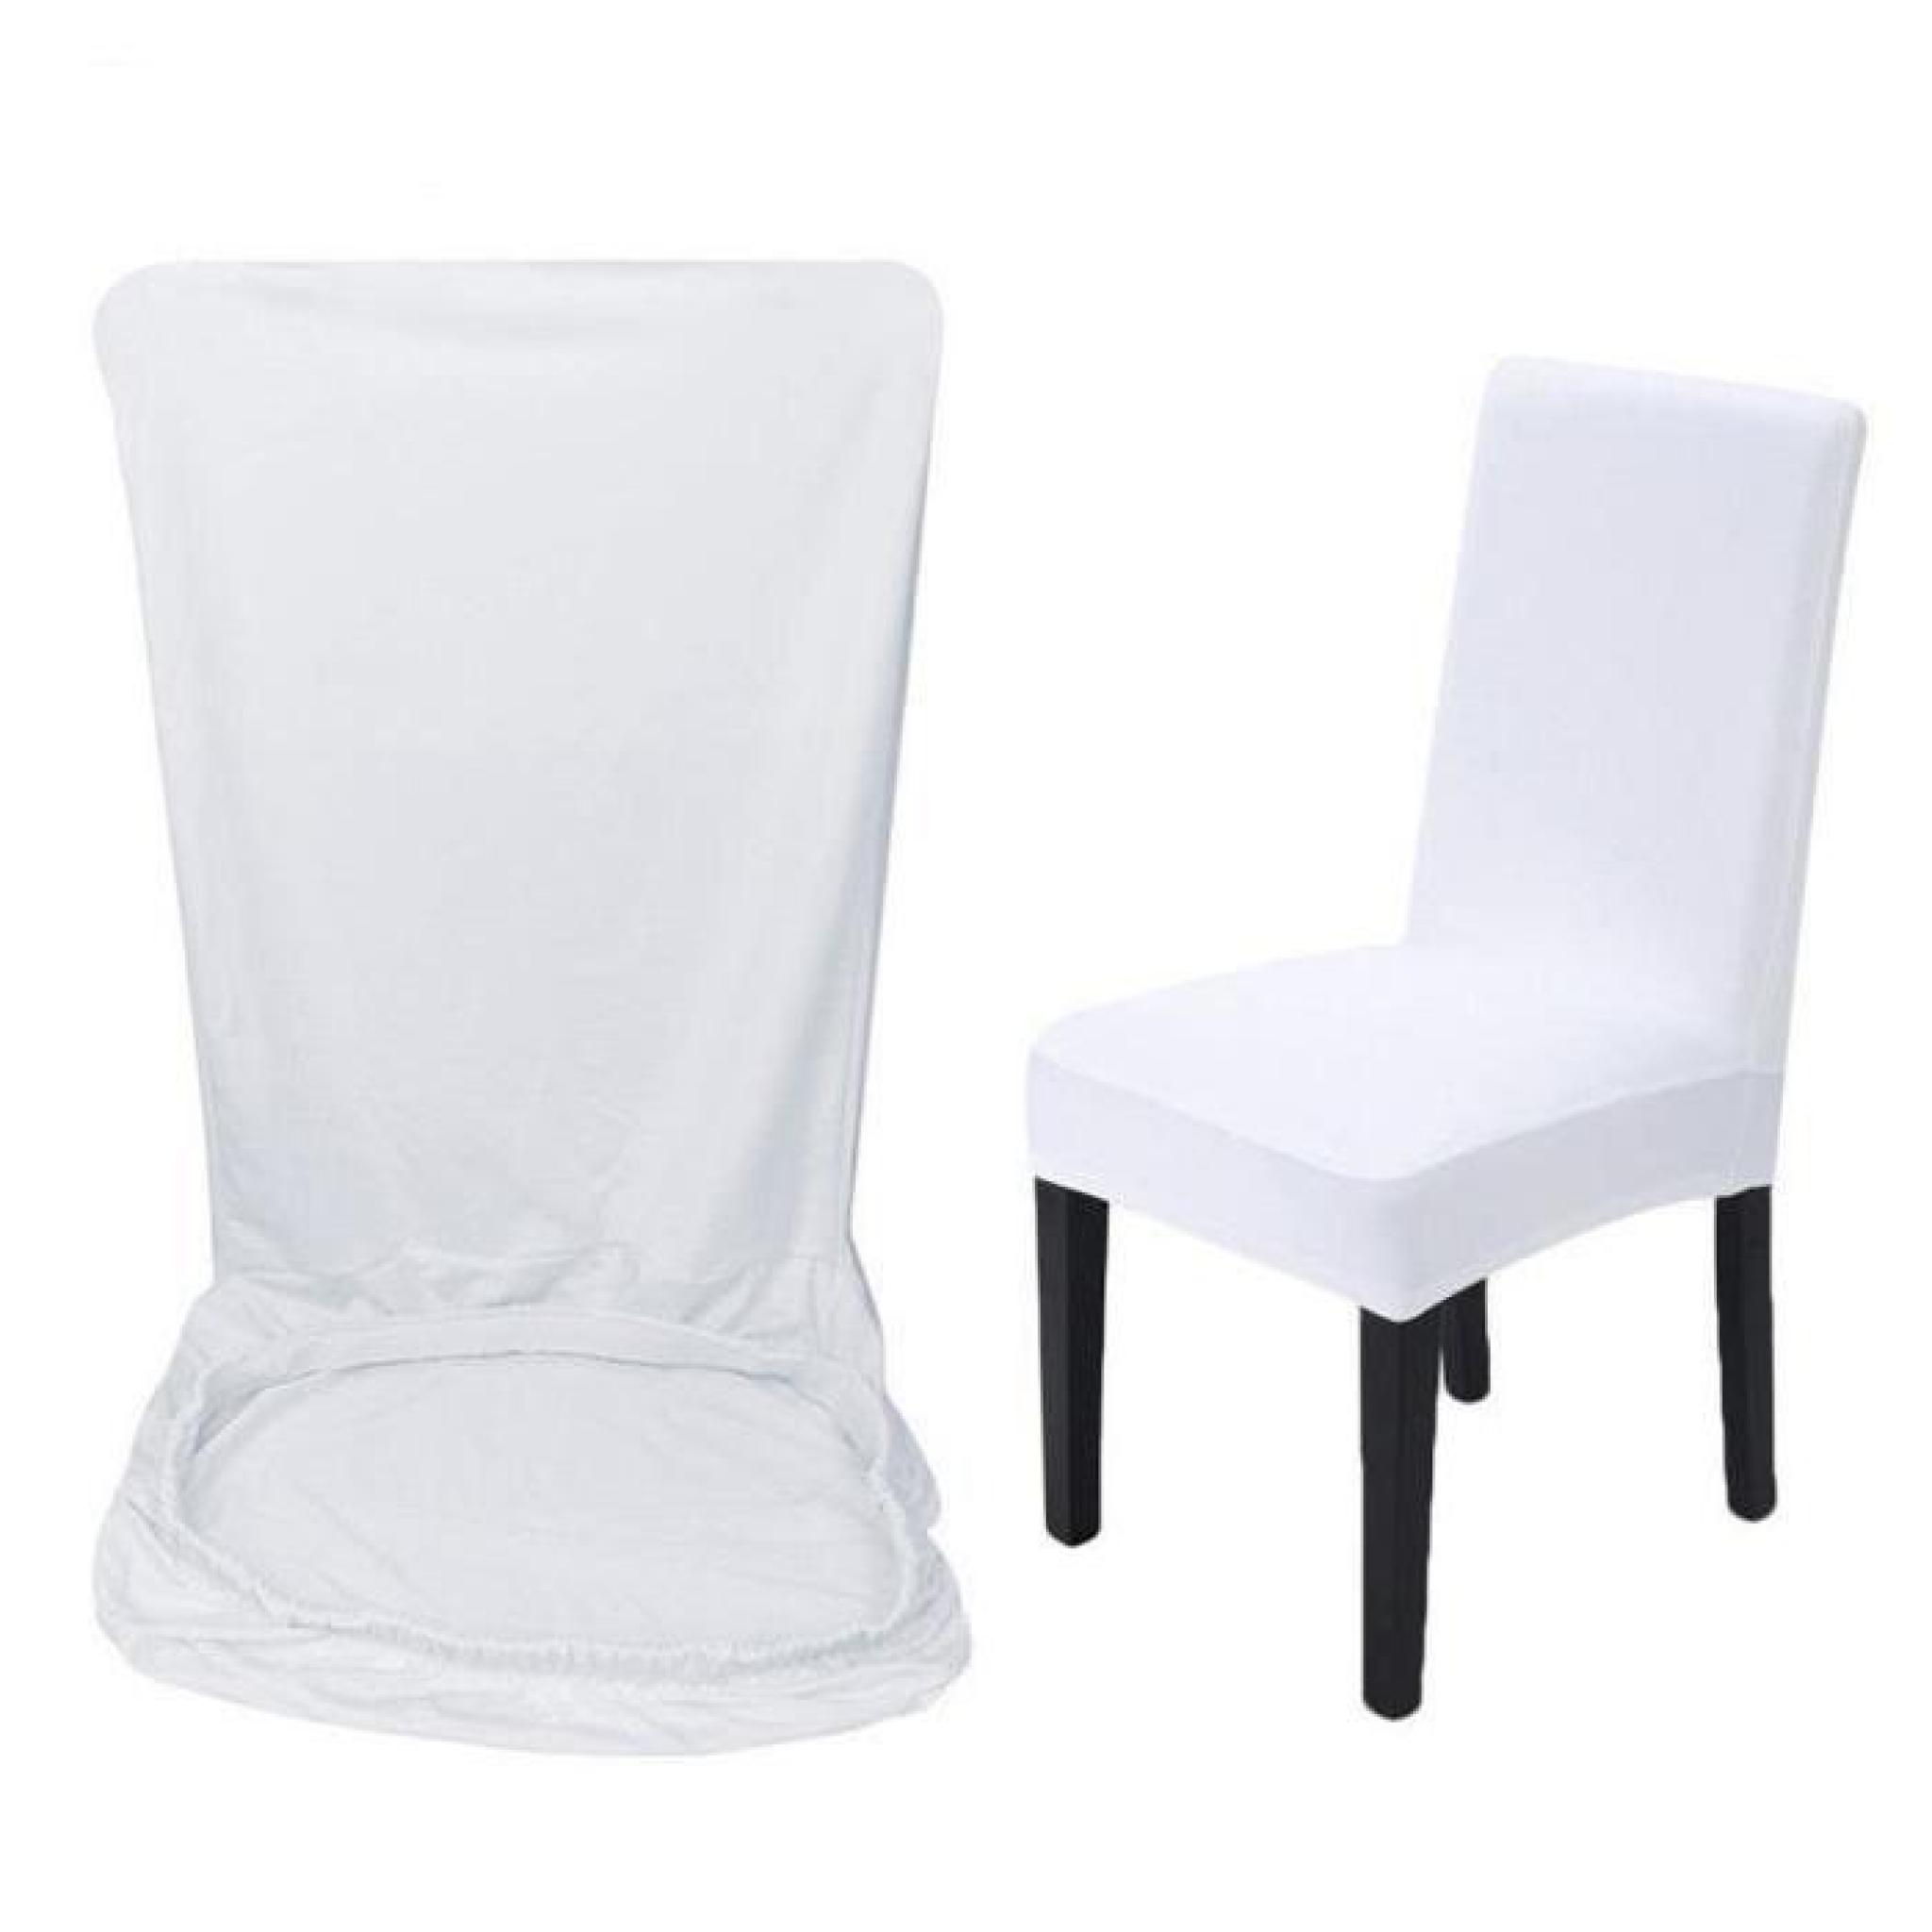 5 x Housse de chaise housse Fauteuil élastique Extensible pour Décor Fête  Mariage Décoration